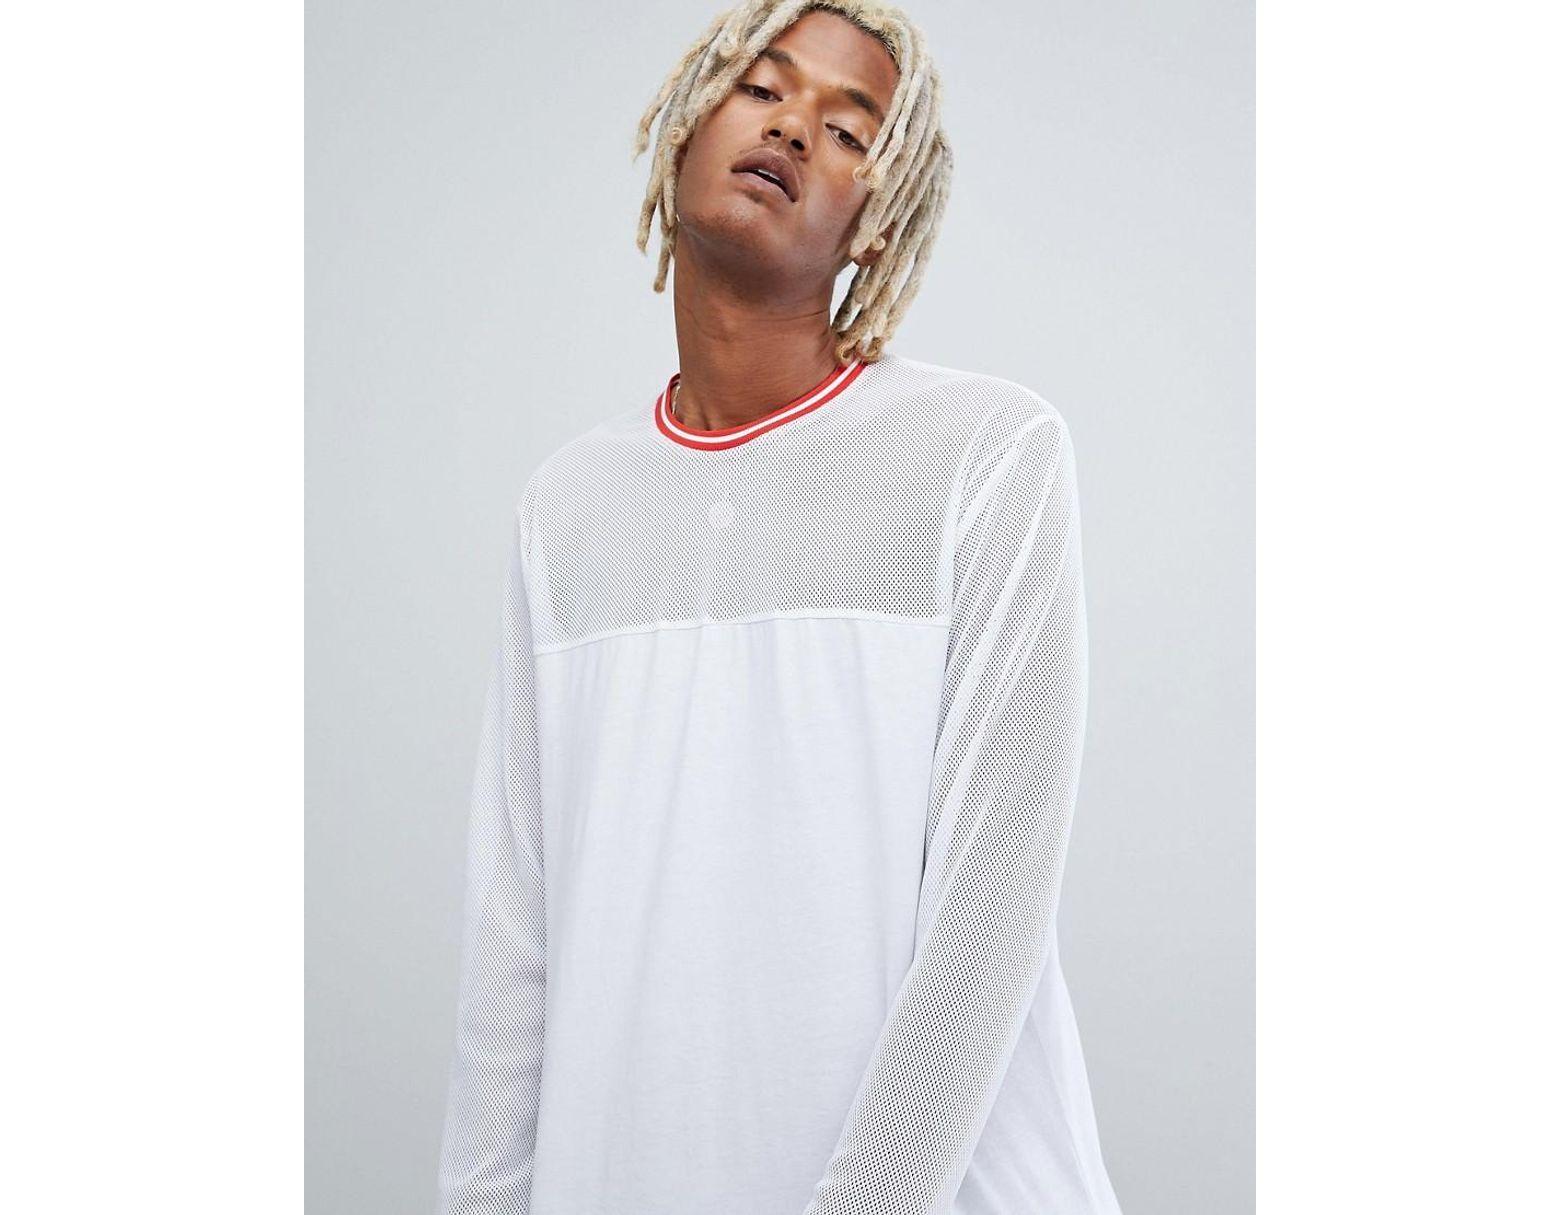 Longues Shirt Décontracté Et Long Encolure Xokipzu À Avec T Manches 7fyvYb6g